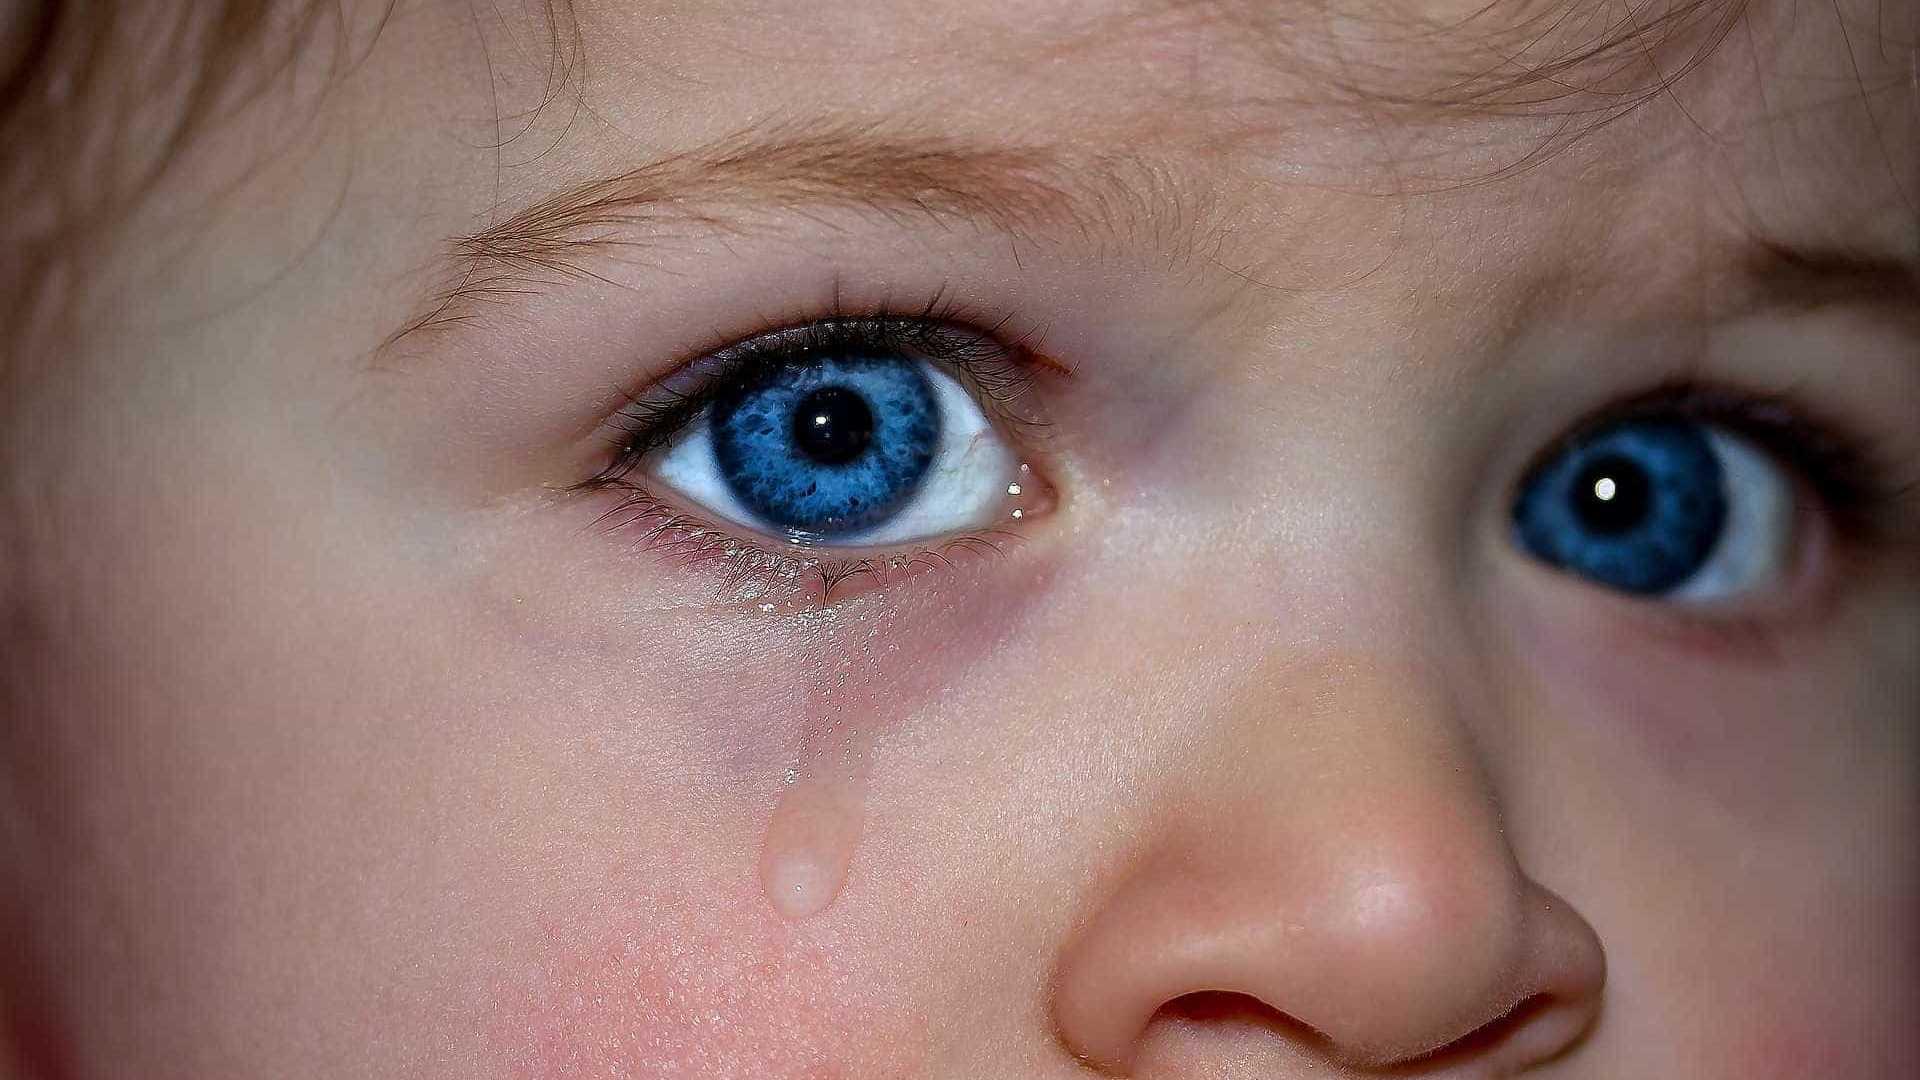 naom 5ae4e156eacad - Pai é suspeito de espancar e estuprar filha de três anos